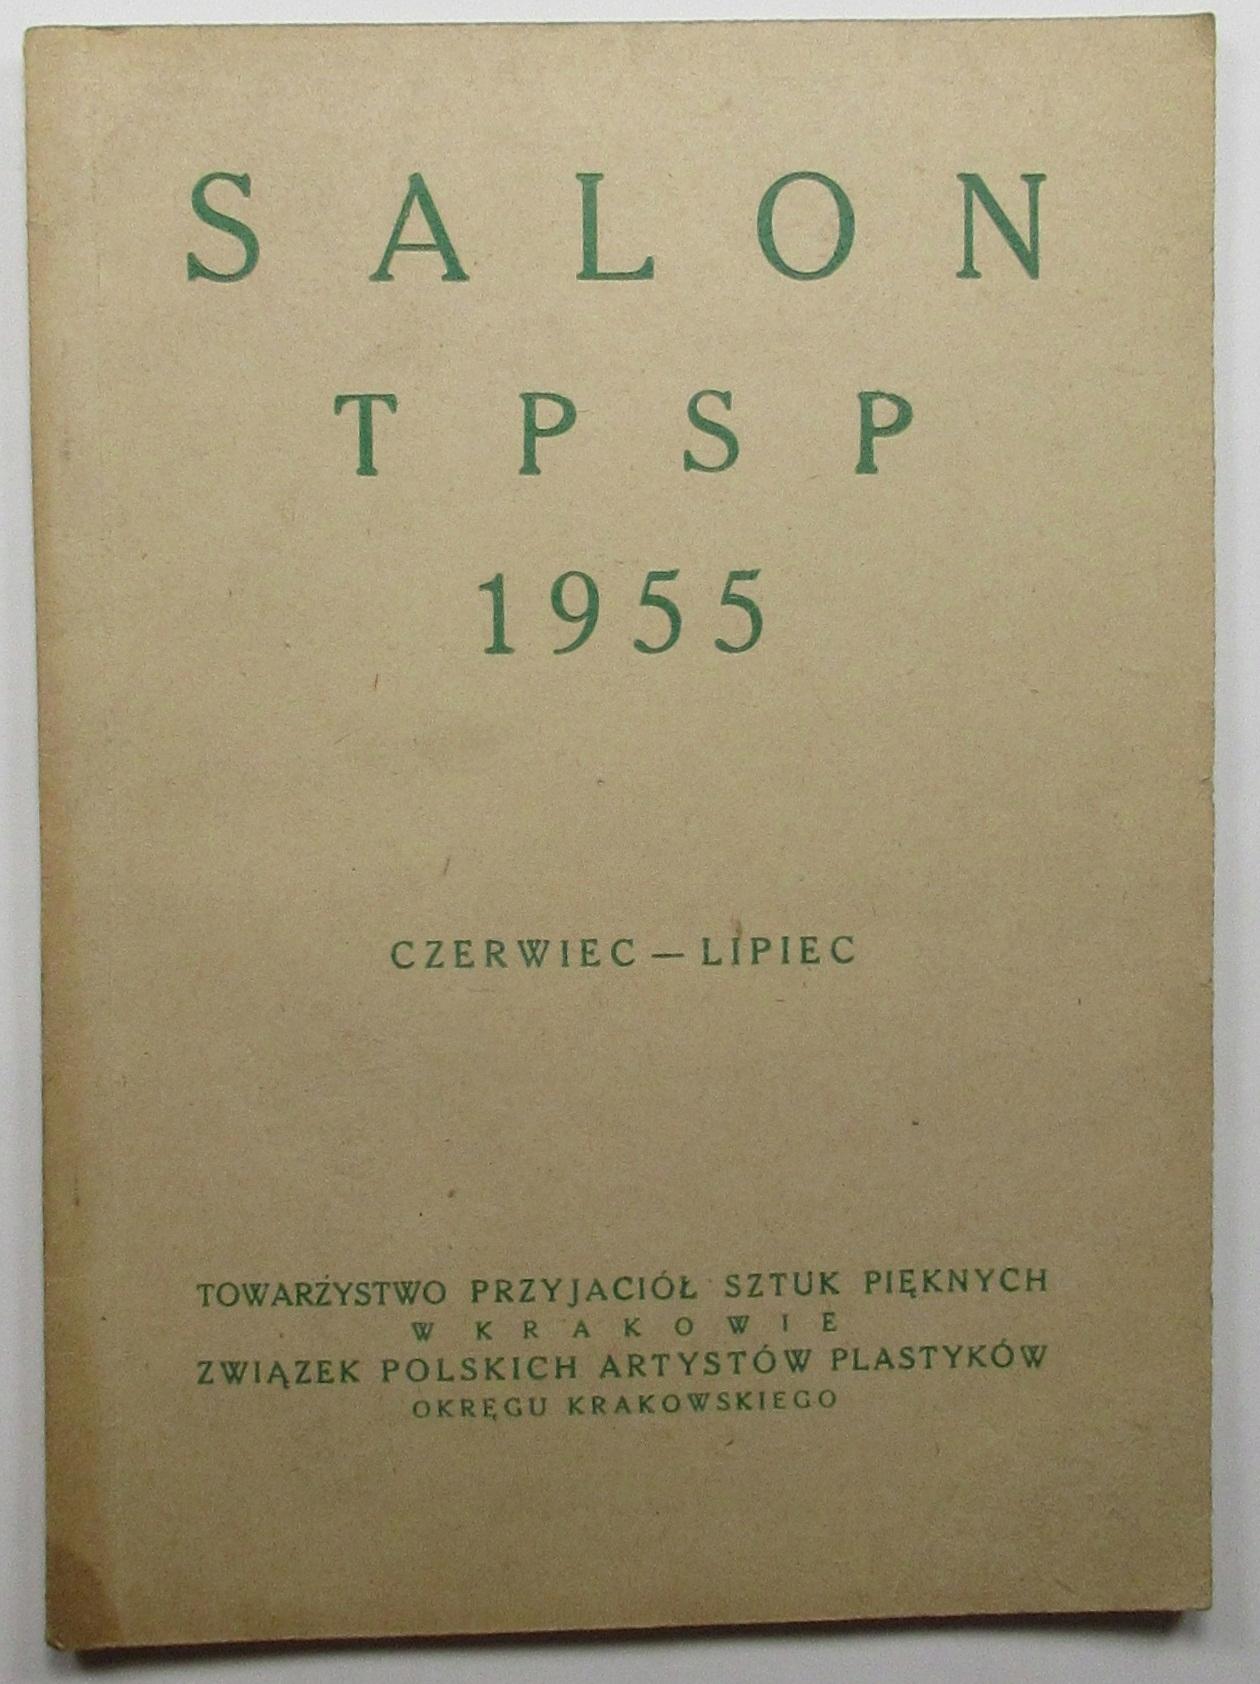 Каталог выставки TPSP ГОСТИНАЯ Краков 1955 ИЛЛЮСТРАЦИИ